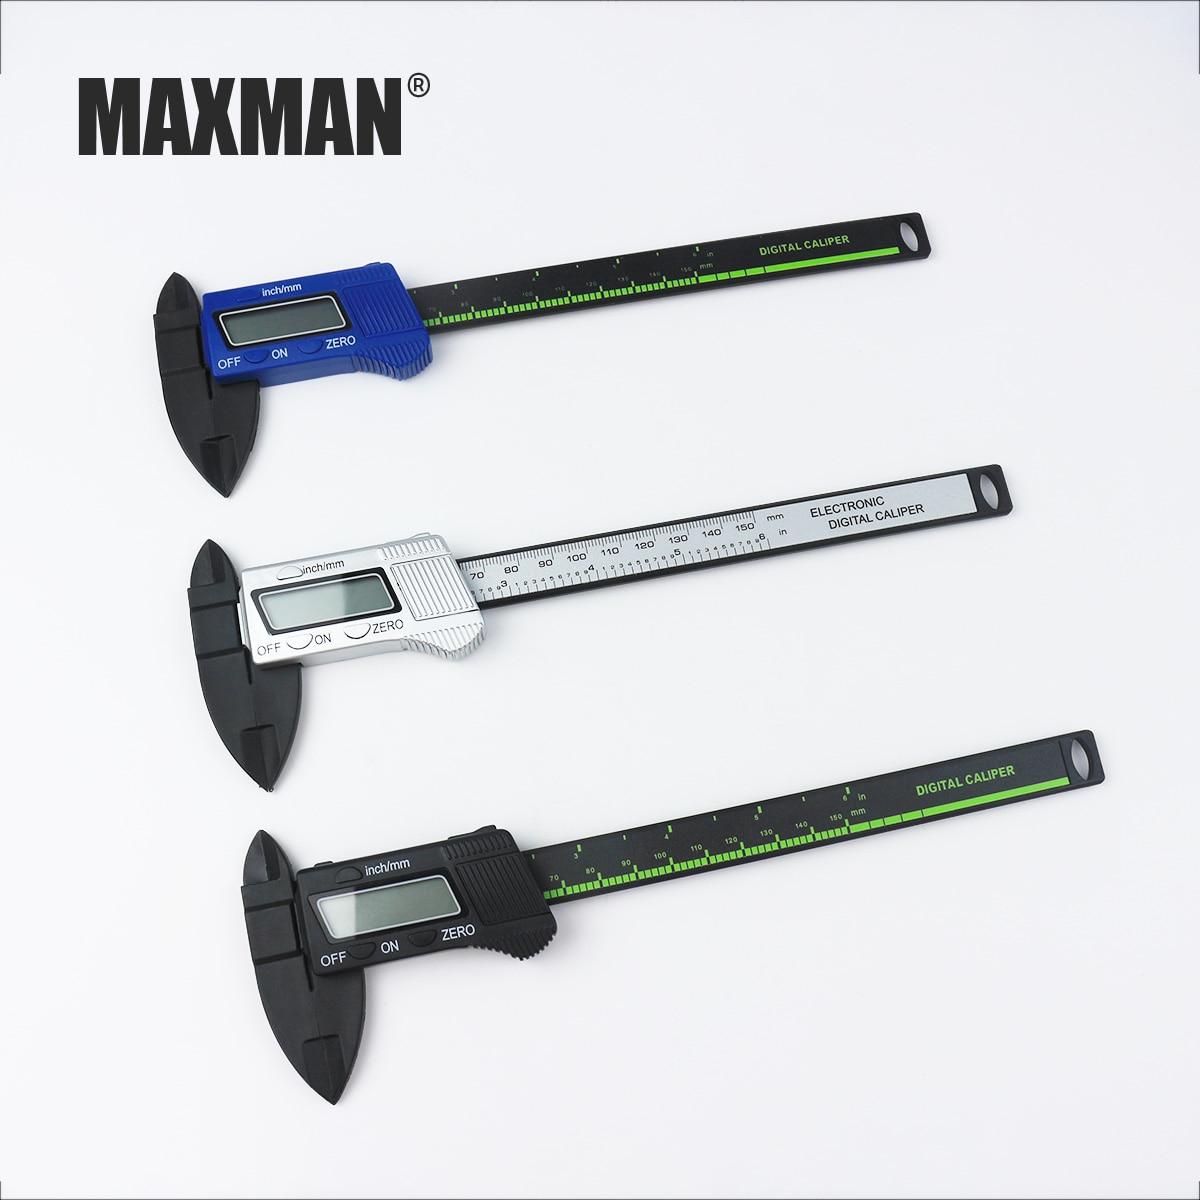 MAXMAN 0-150mm Mess Werkzeug Edelstahl Messschieber Digital Messschieber Mikrometer Messgerät